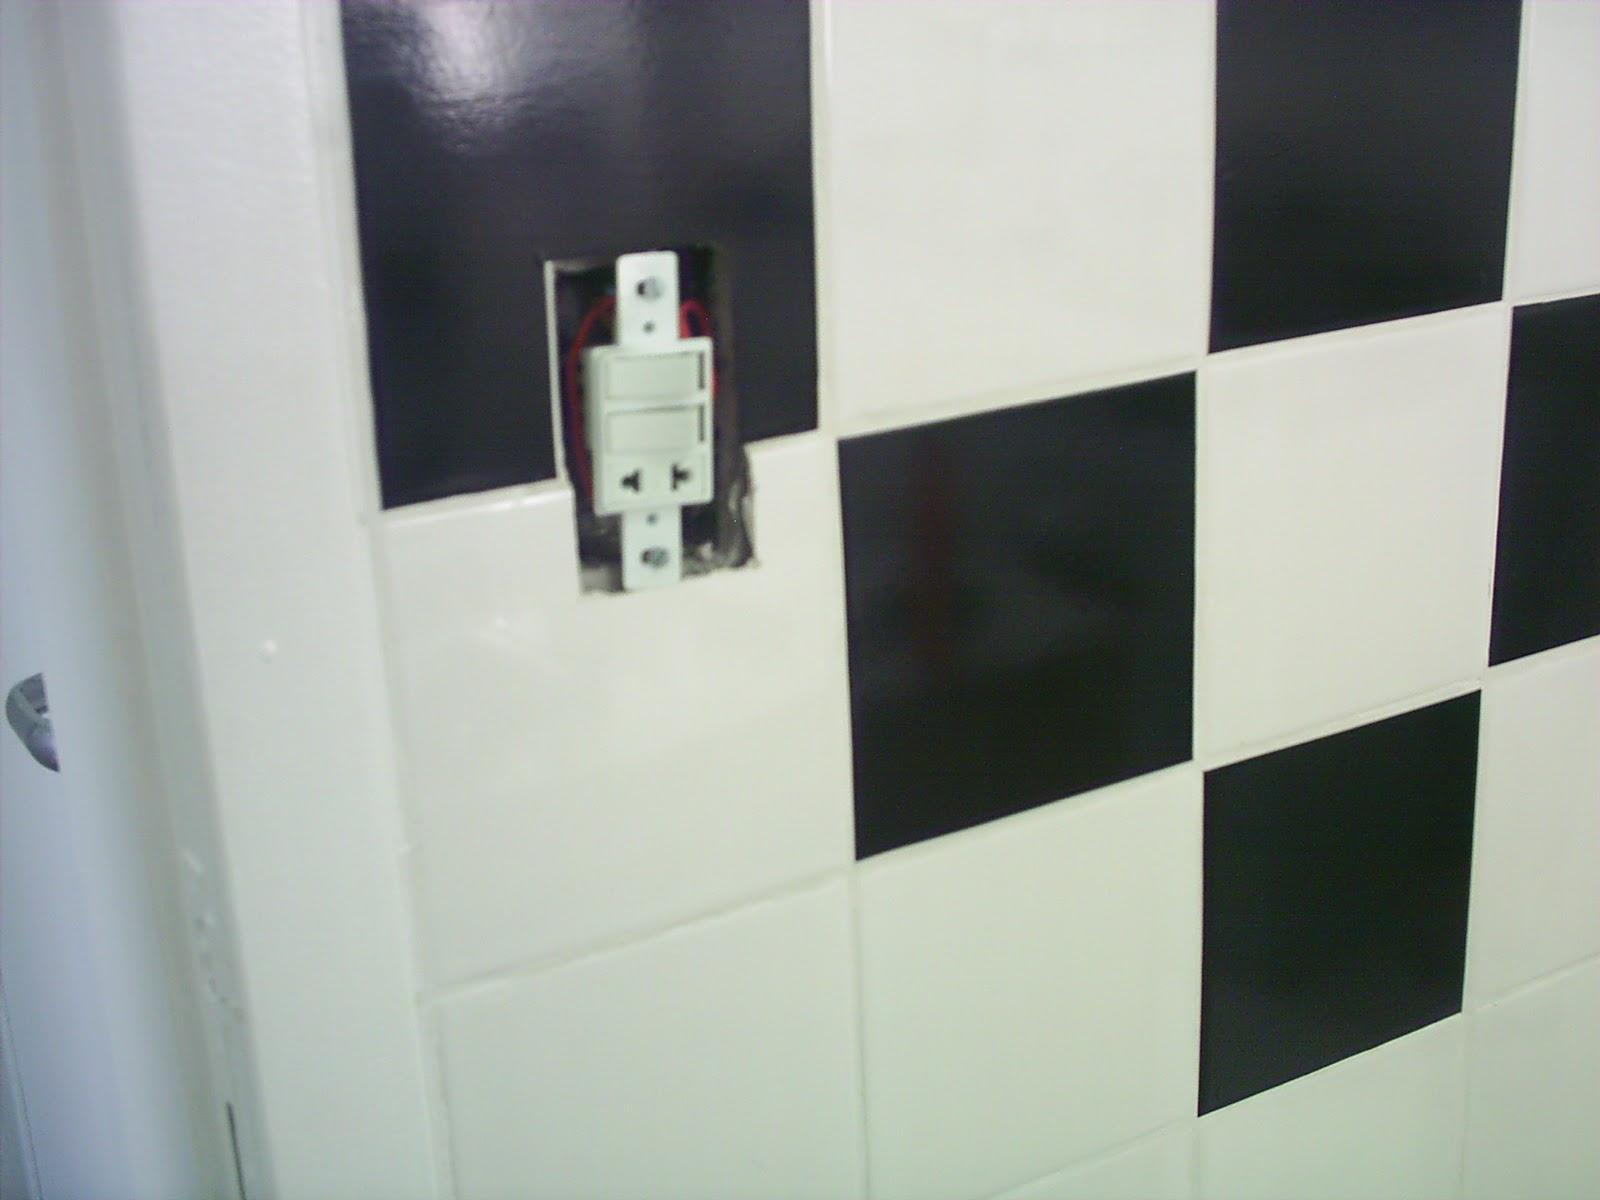 está no acabamento: o adesivo deve ser do mesmo tamanho do azulejo  #586573 1600x1200 Banheiro Com Adesivo De Azulejo